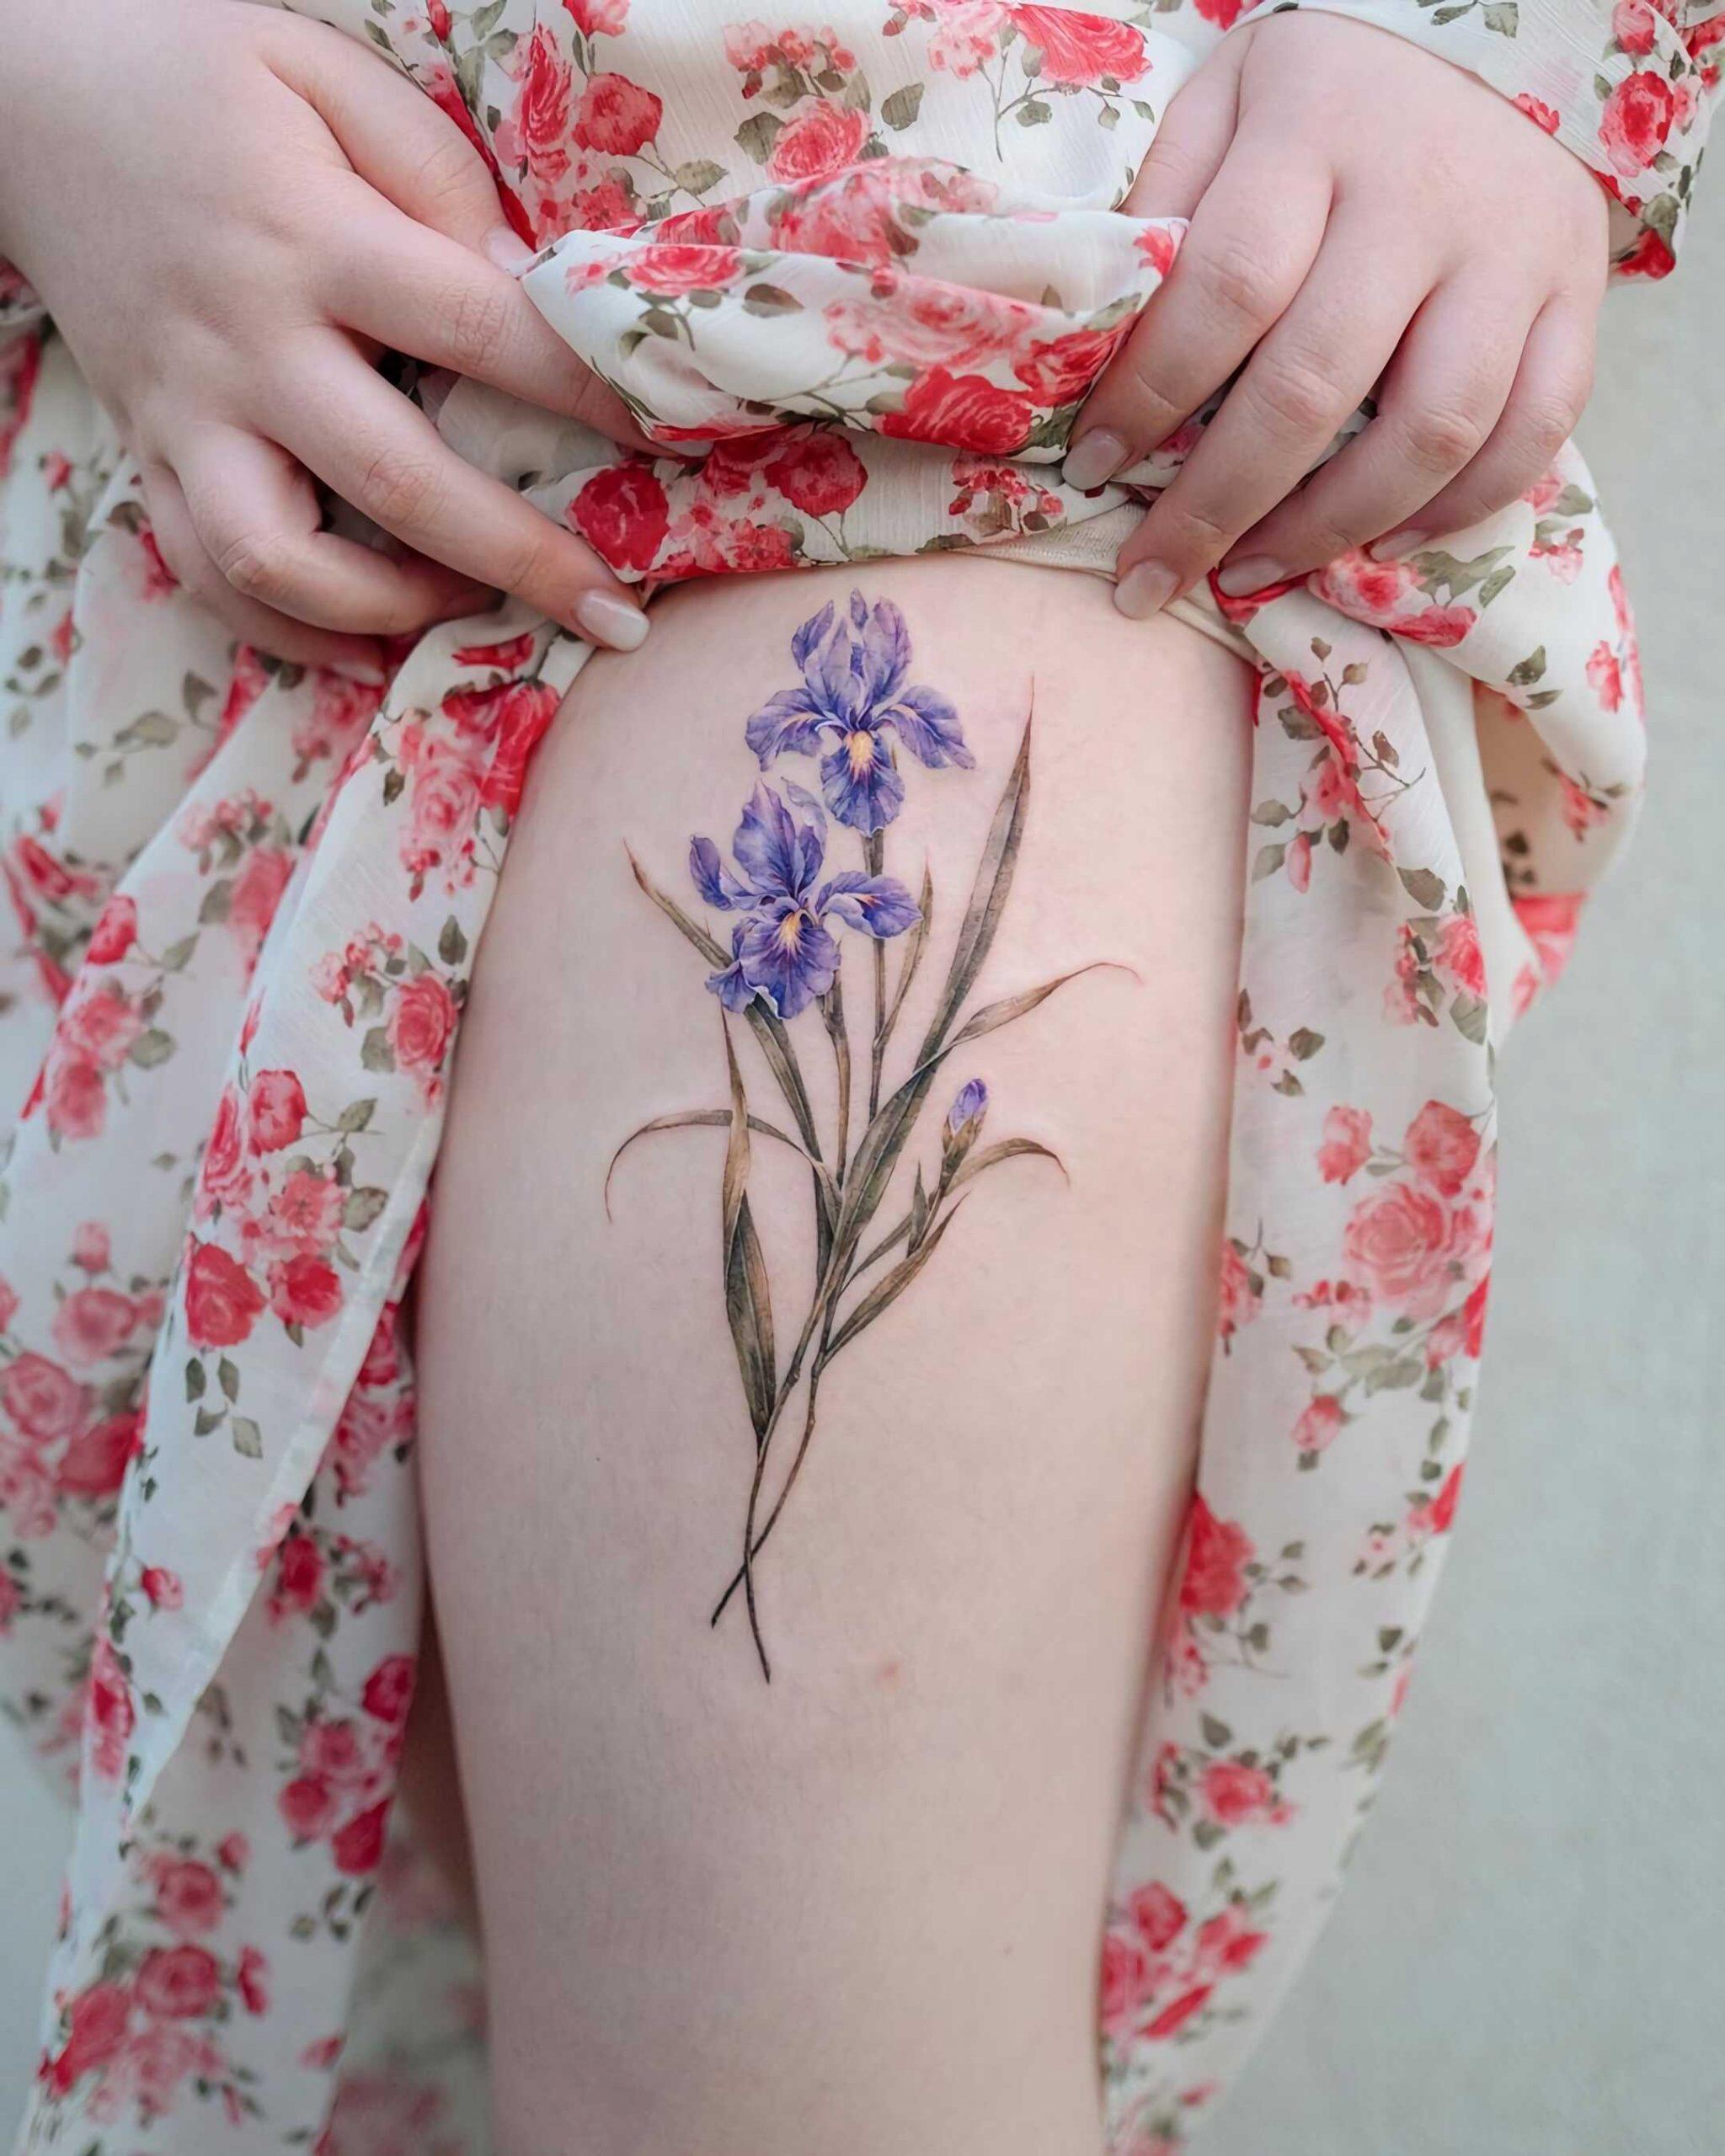 модная татуировка ириса на ноге для девушек